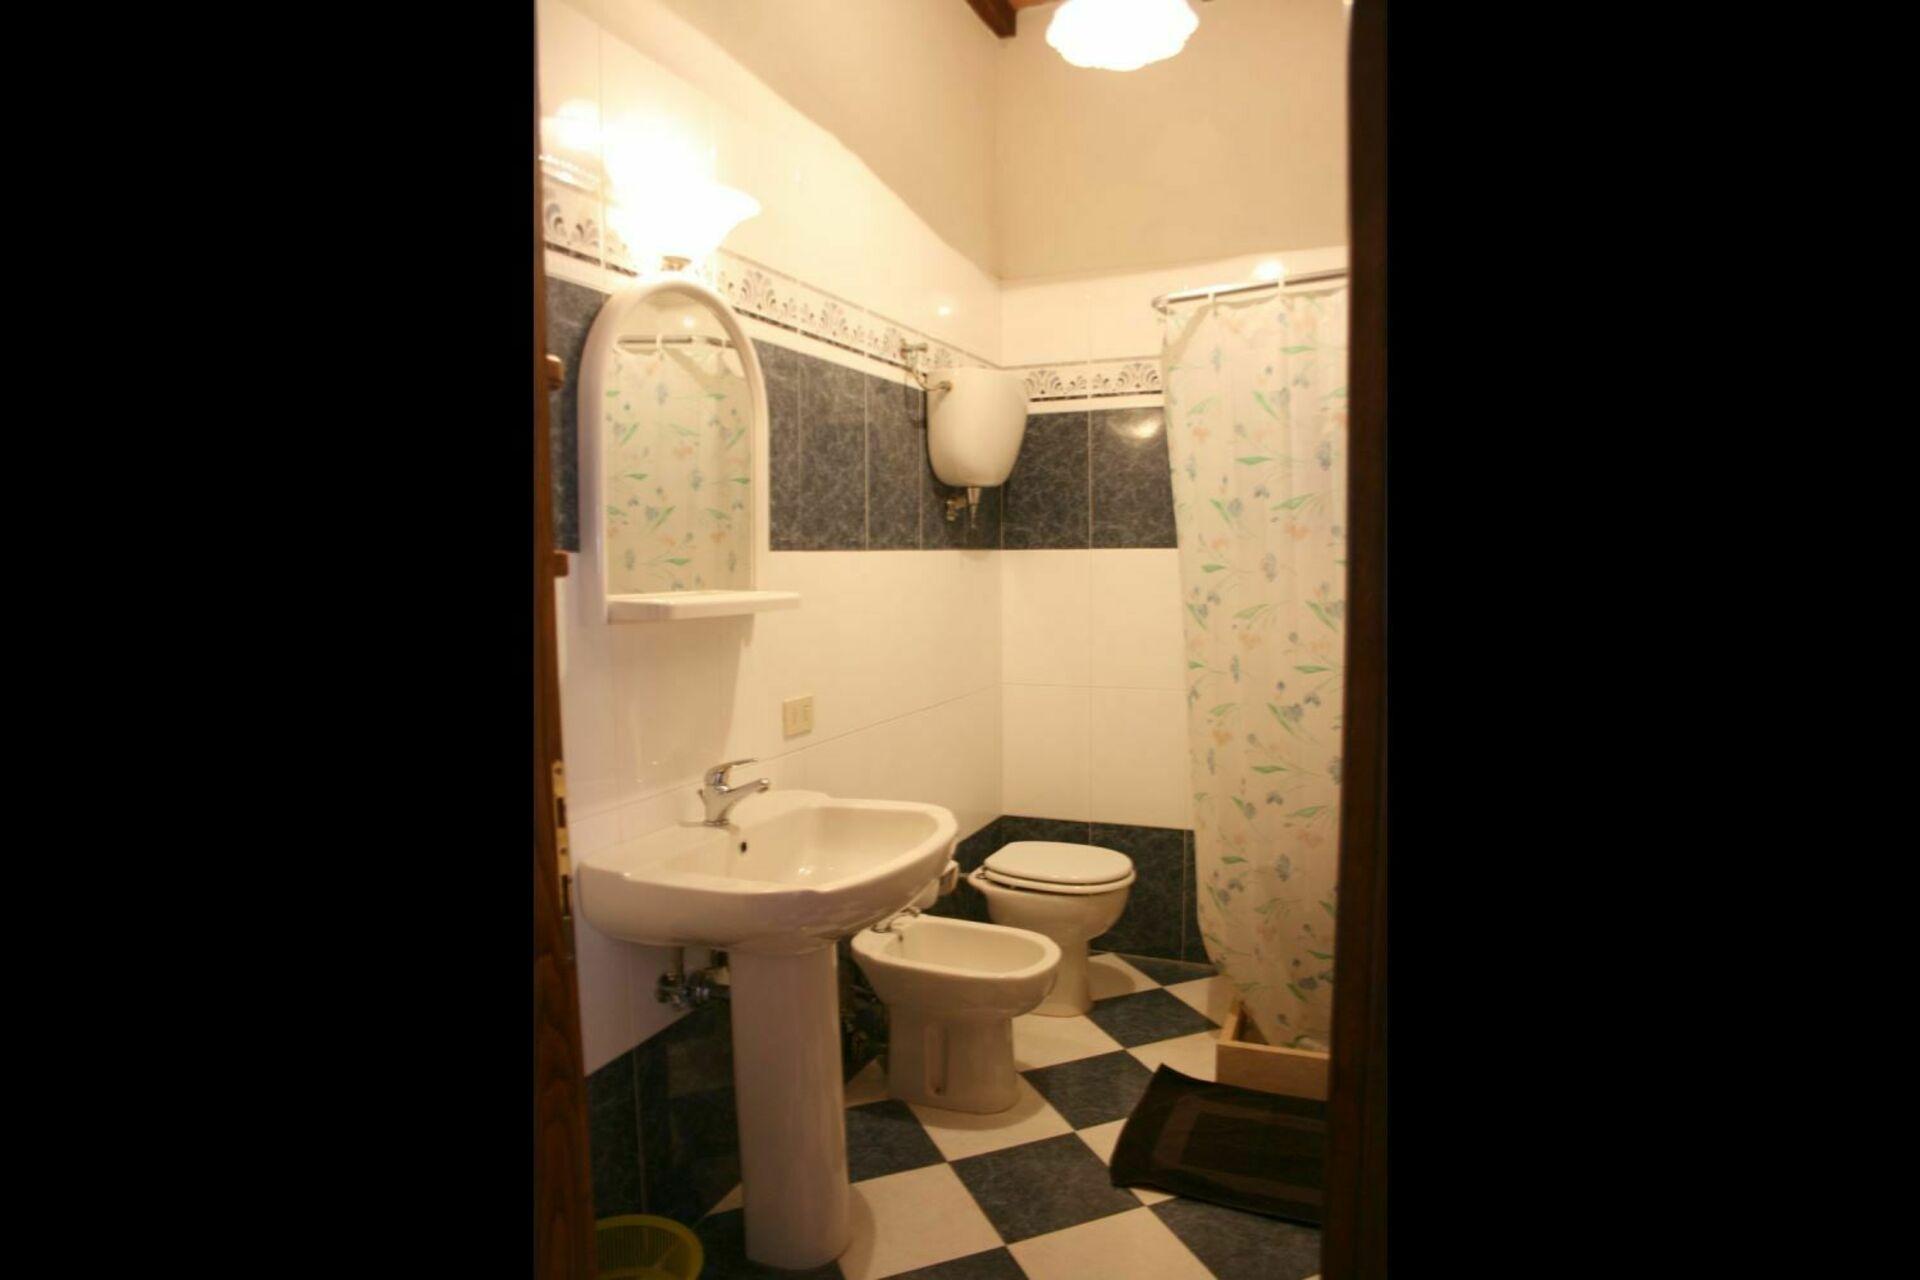 Il balzo posti letto 4 in 1 camere casa vacanza a for Branson cabin rentals 4 camere da letto